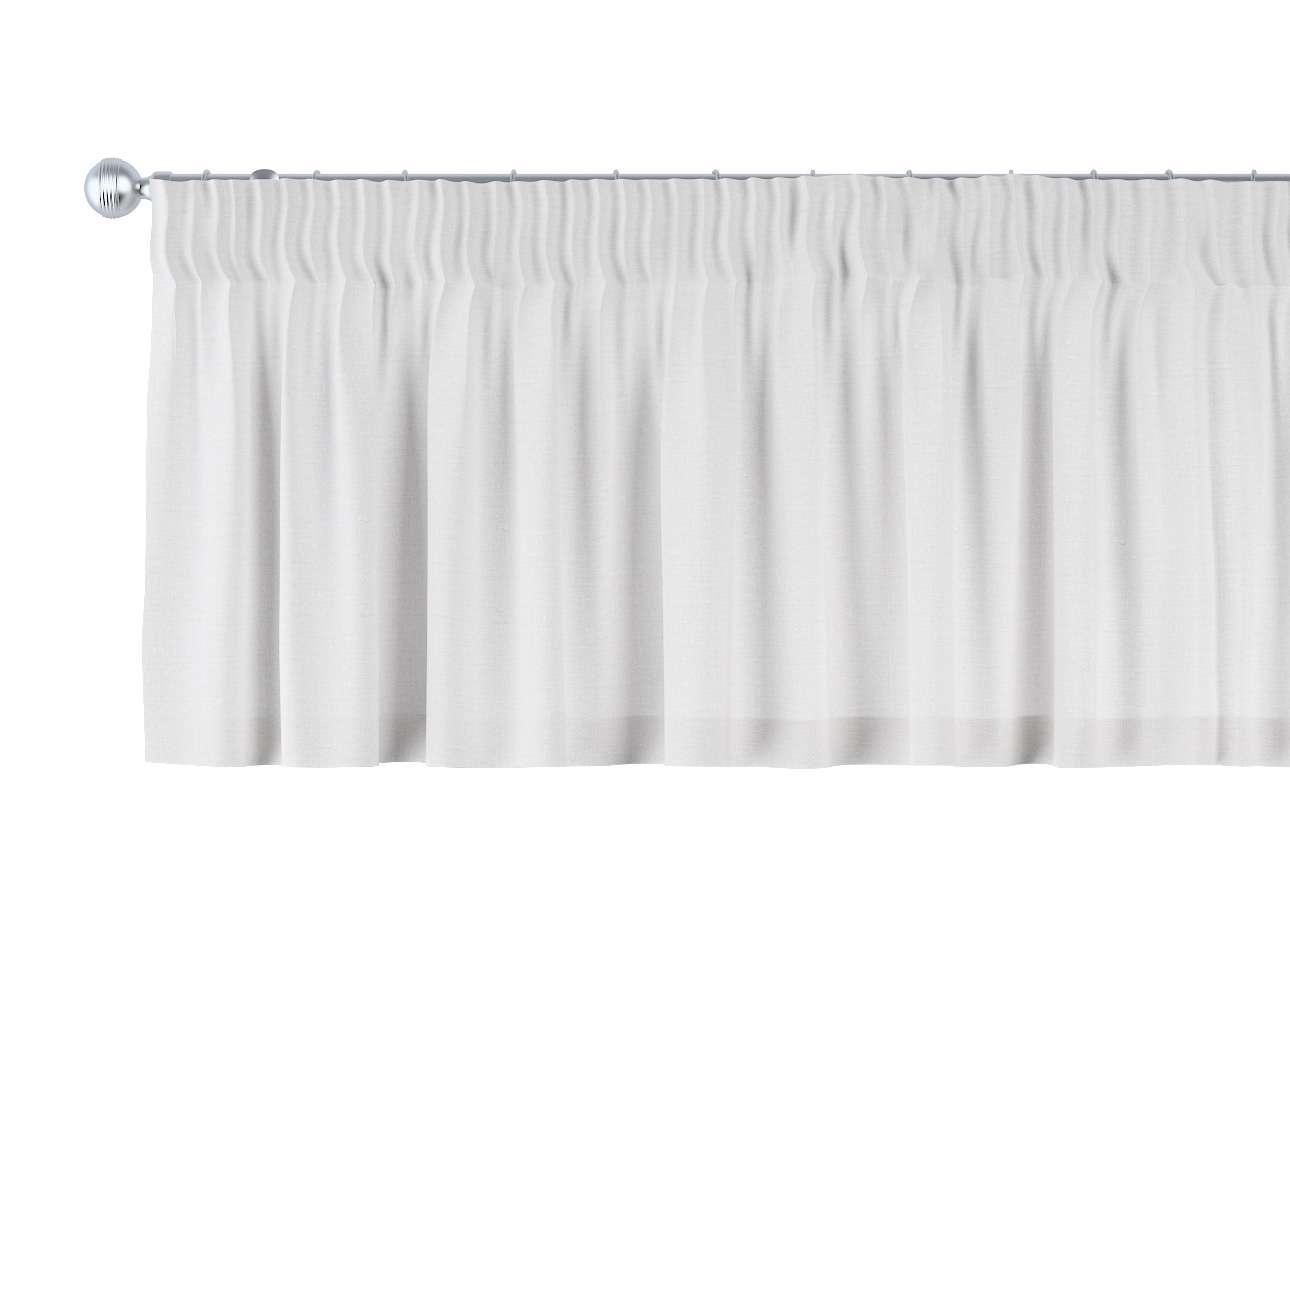 Kurzgardine mit Kräuselband 130 x 40 cm von der Kollektion Leinen, Stoff: 392-04